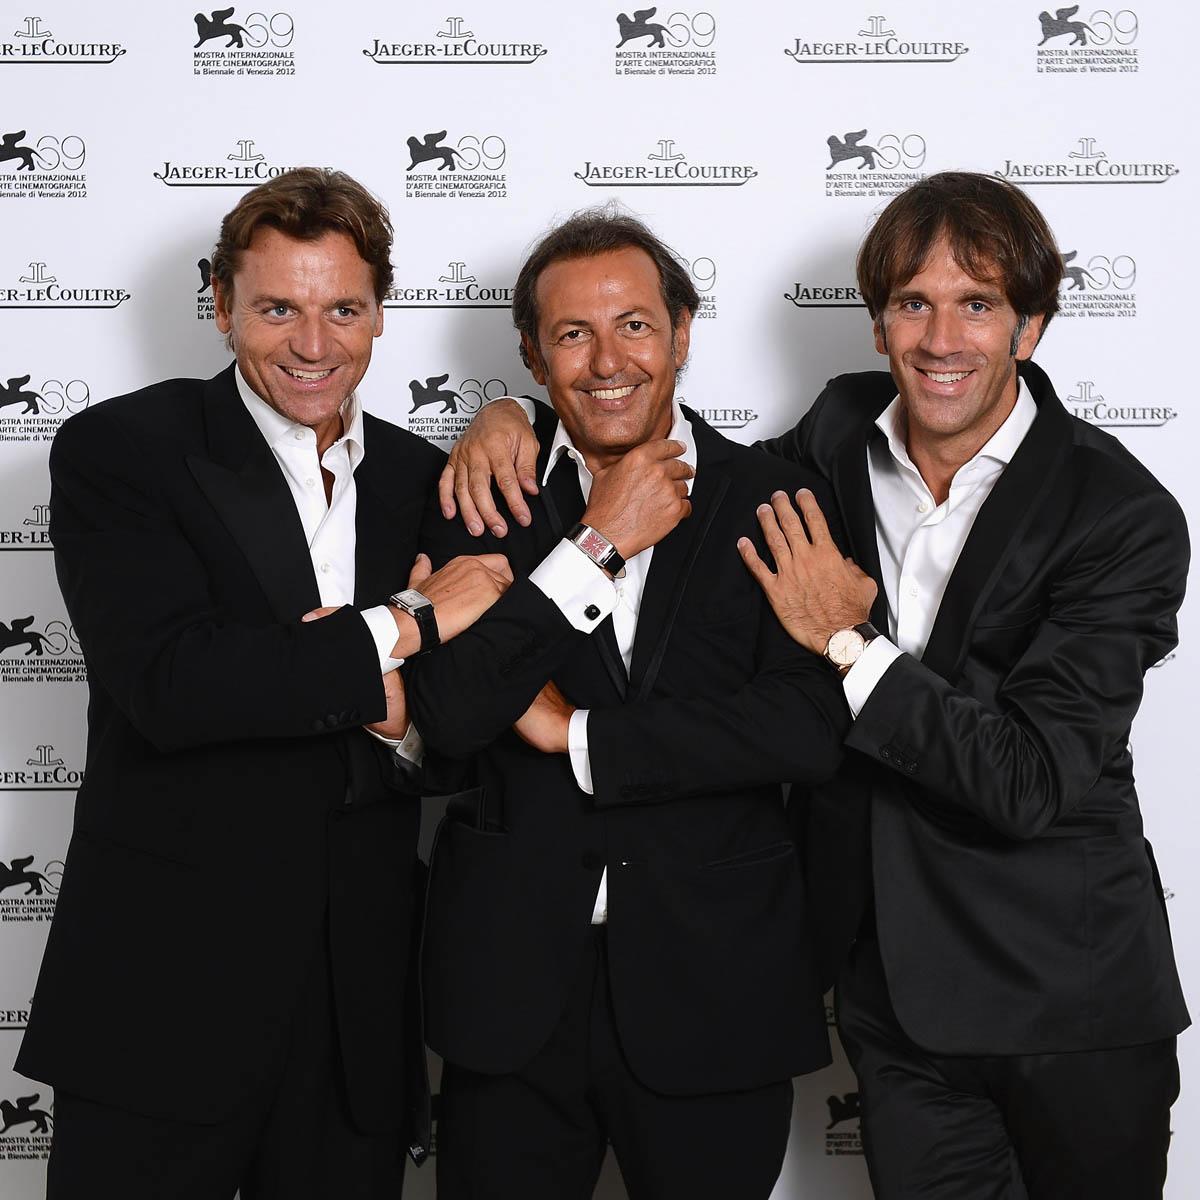 La Cote des Montres : Photo - Les stars illuminent la Cérémonie d'Ouverture du Festival du Film de Venise, portant les plus belles créations Jaeger-LeCoultre